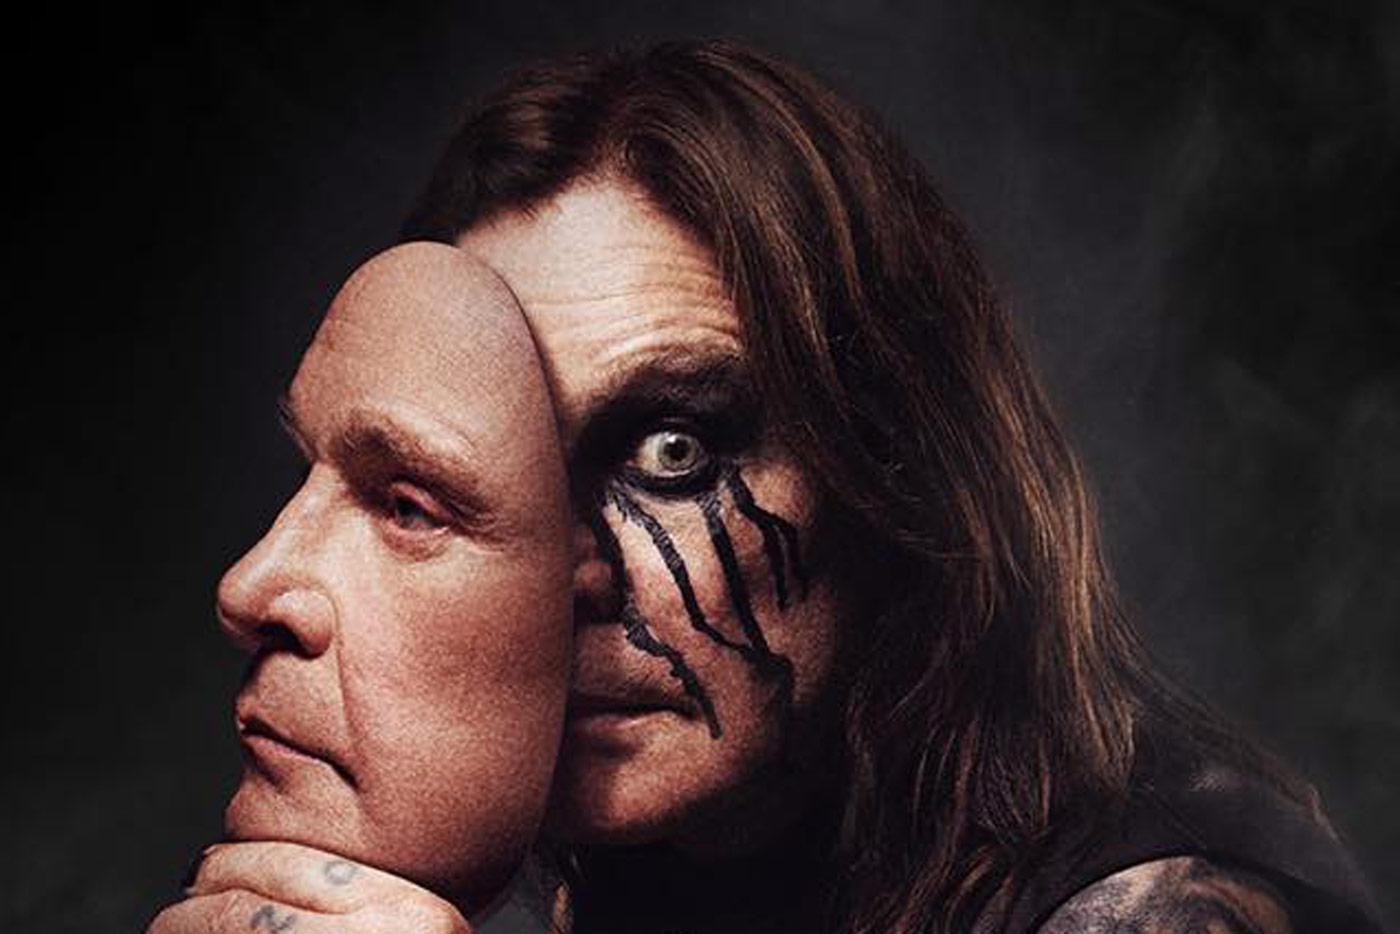 Ozzy Osbourne anuncia concierto en Madrid junto a Judas Priest